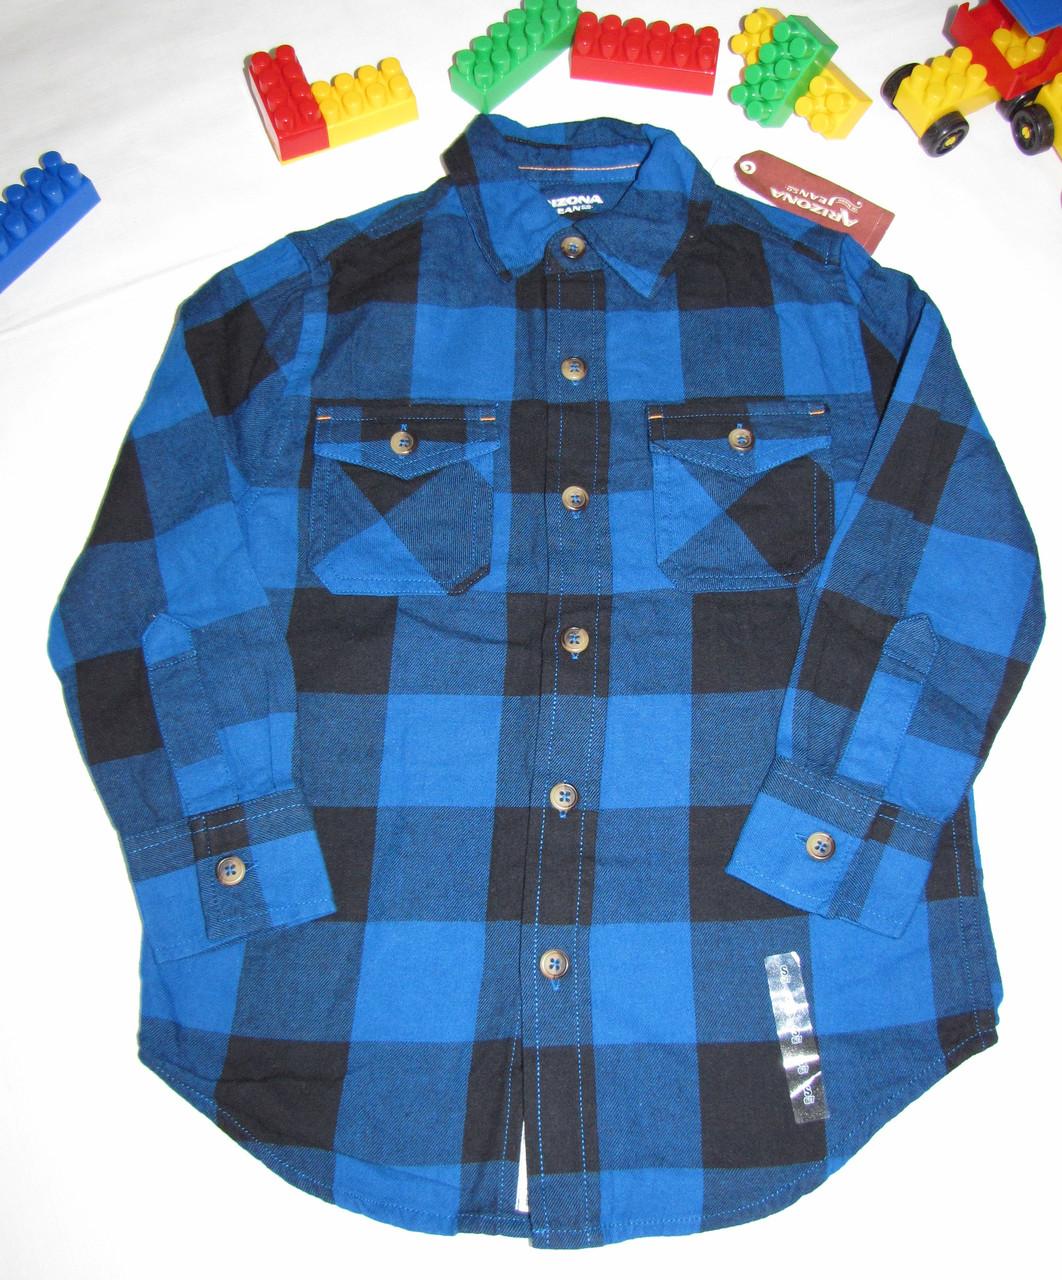 Рубашка теплая Arizona Jeans оригинал рост 116 см синяя+черная 07053